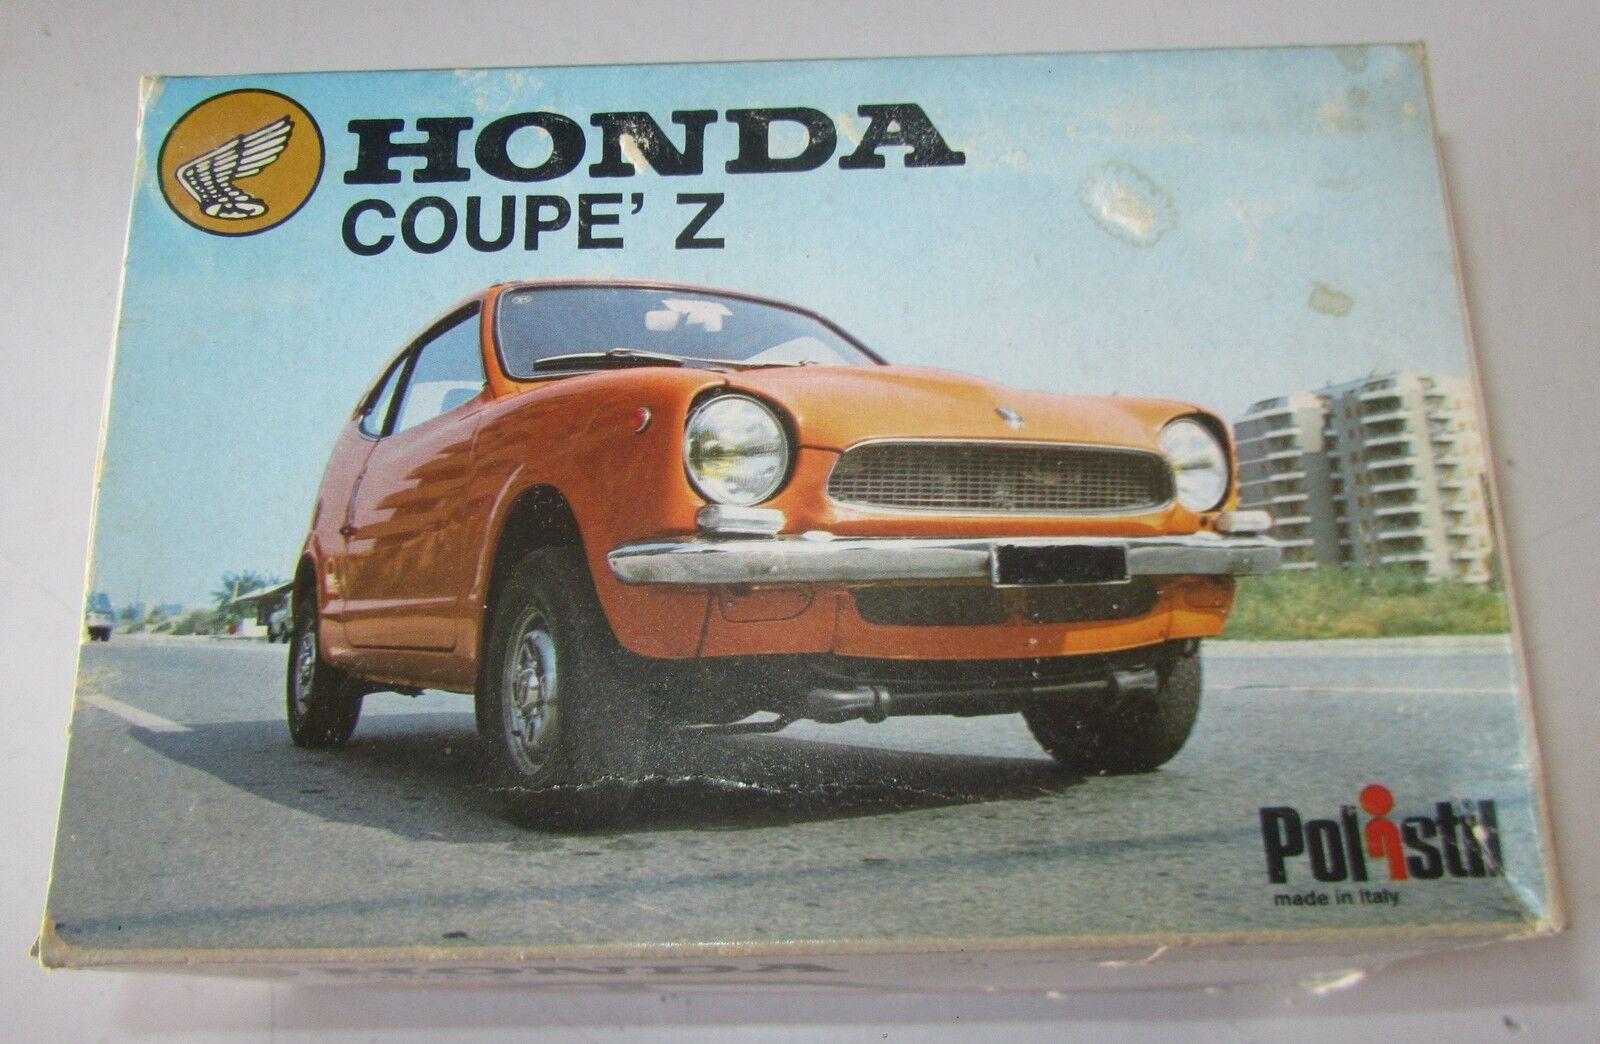 Modellino Polistil Honda Coupè S14 1 25 Bella con scatola SPESE GRATIS